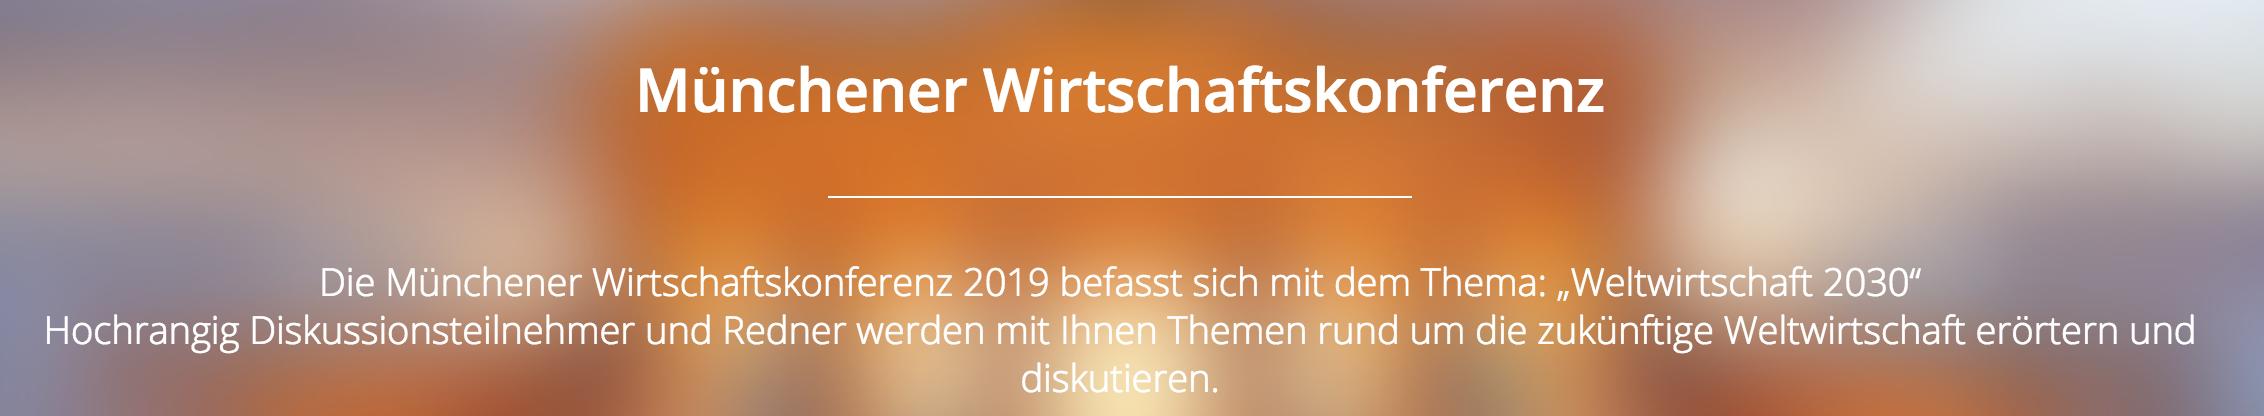 München: 28.-29.3. Münchener Wirtschaftskonferenz